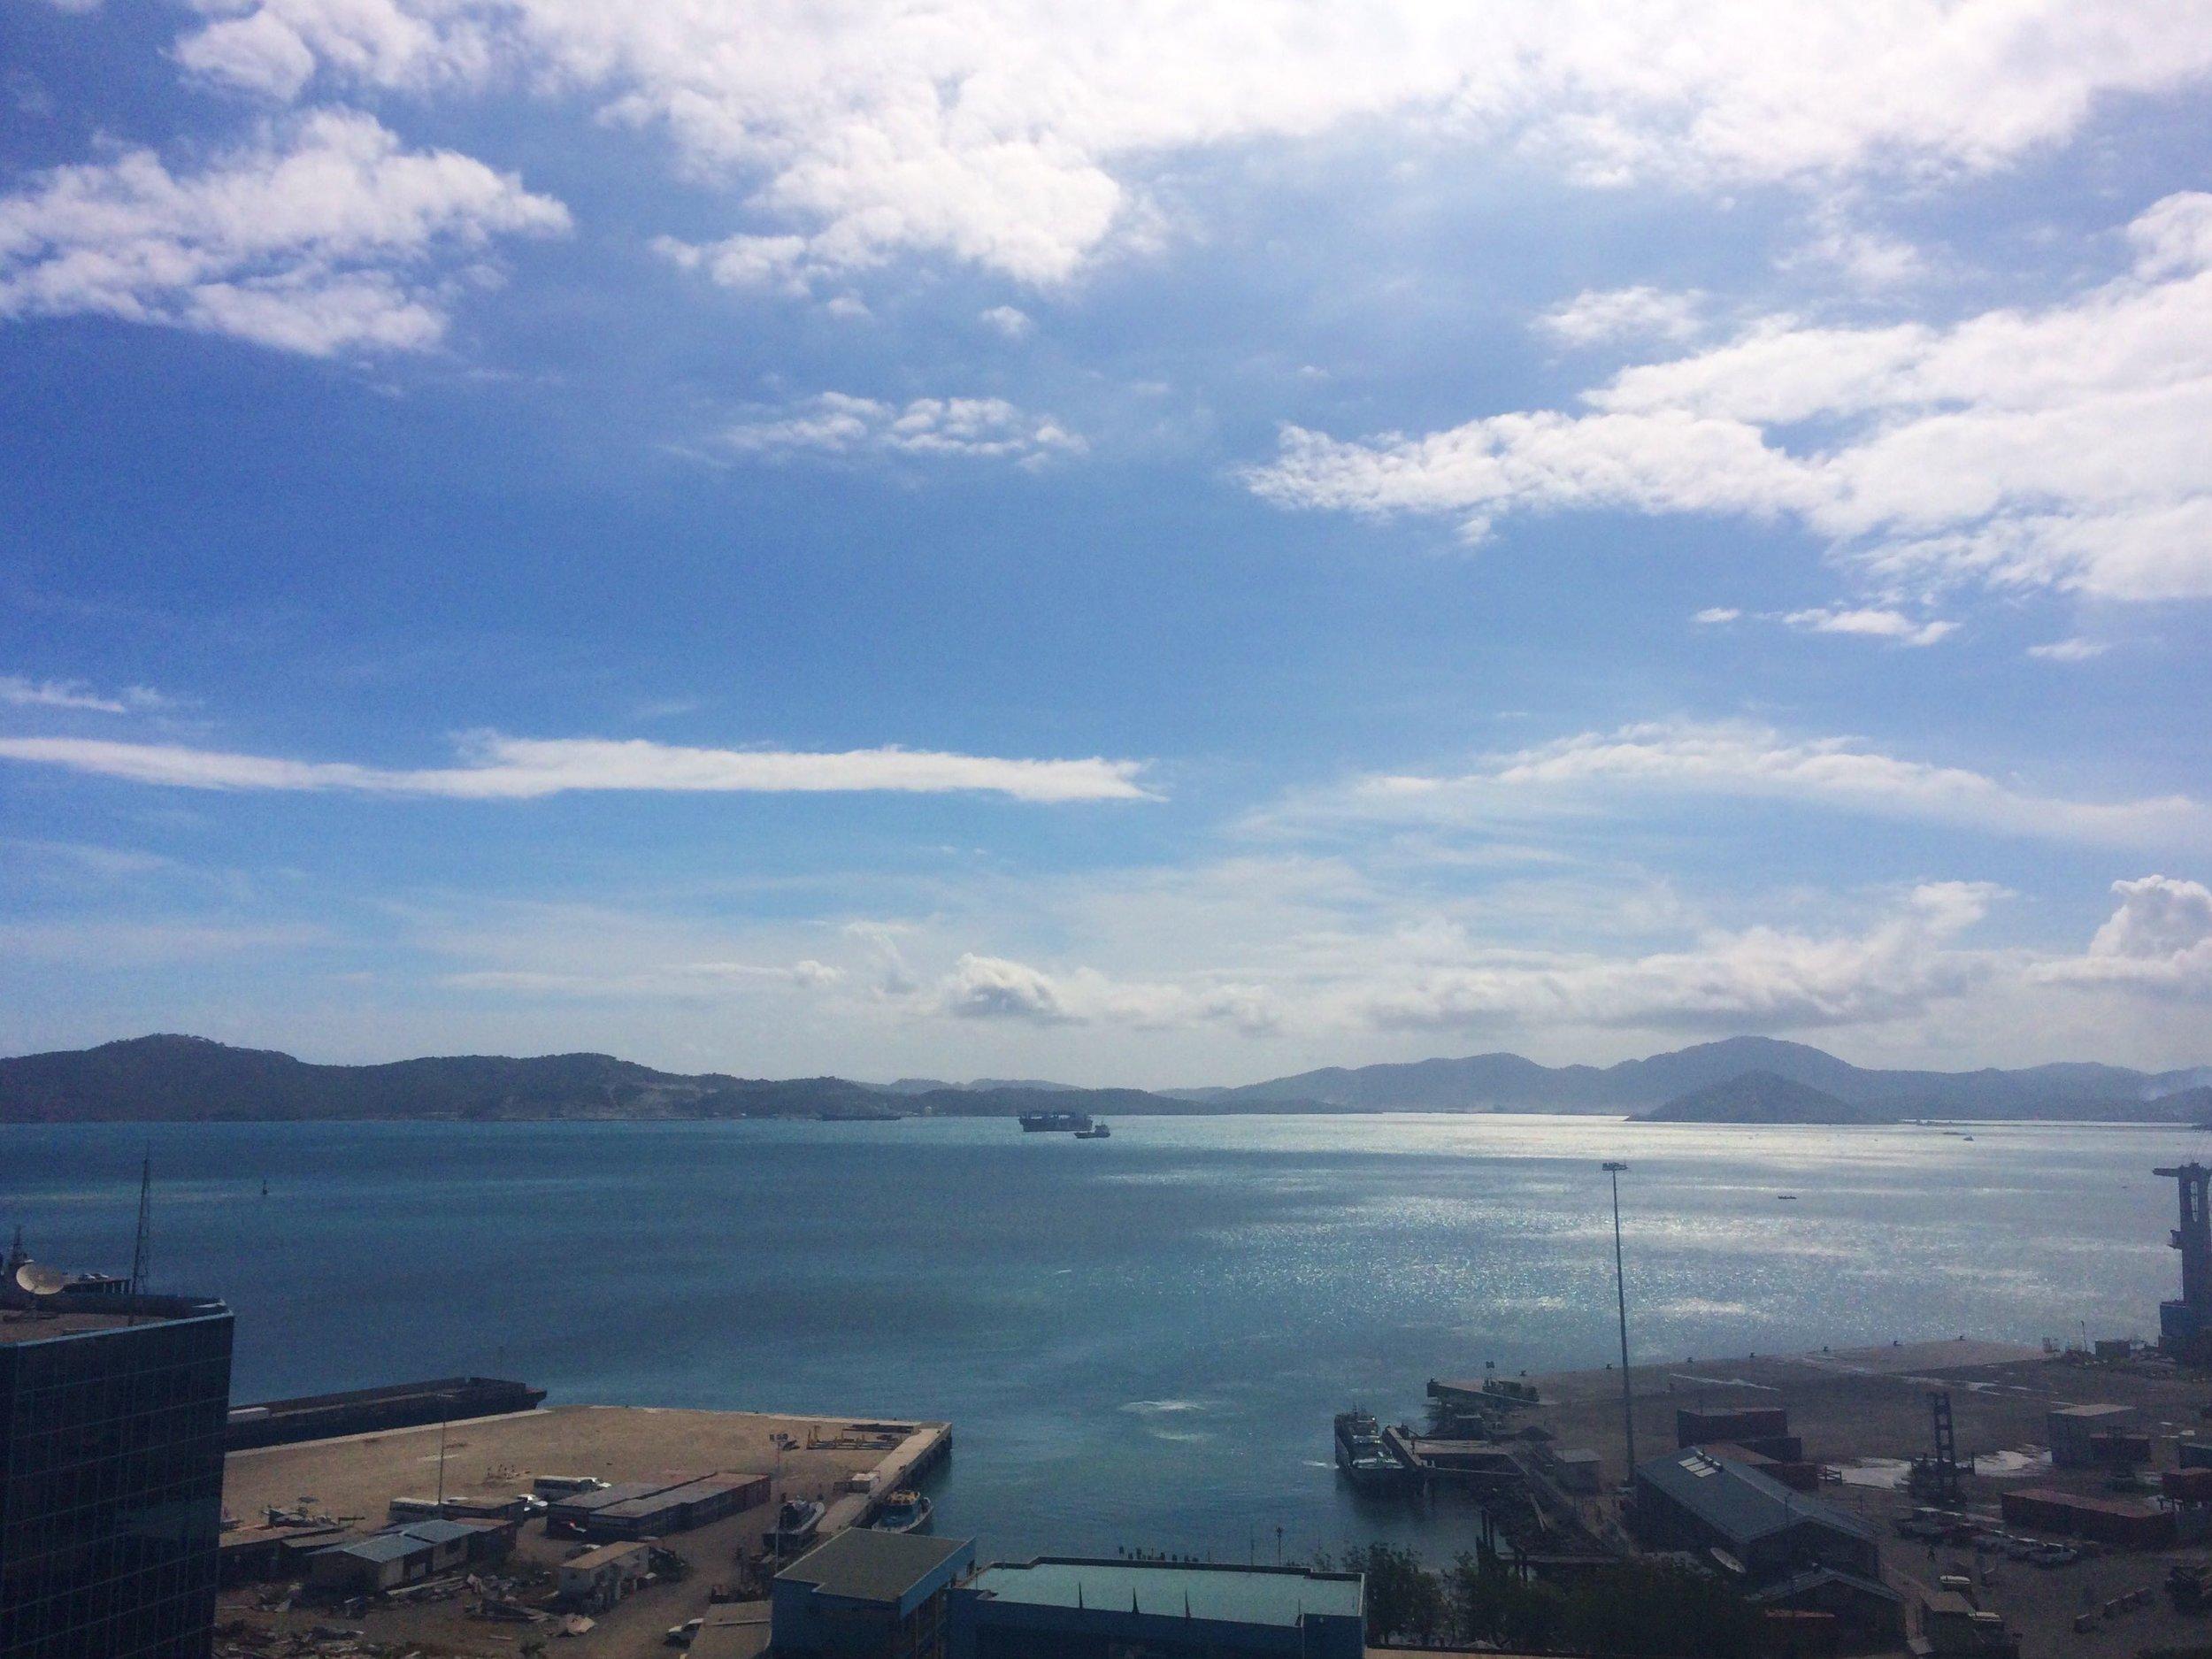 Port Moresby city view.